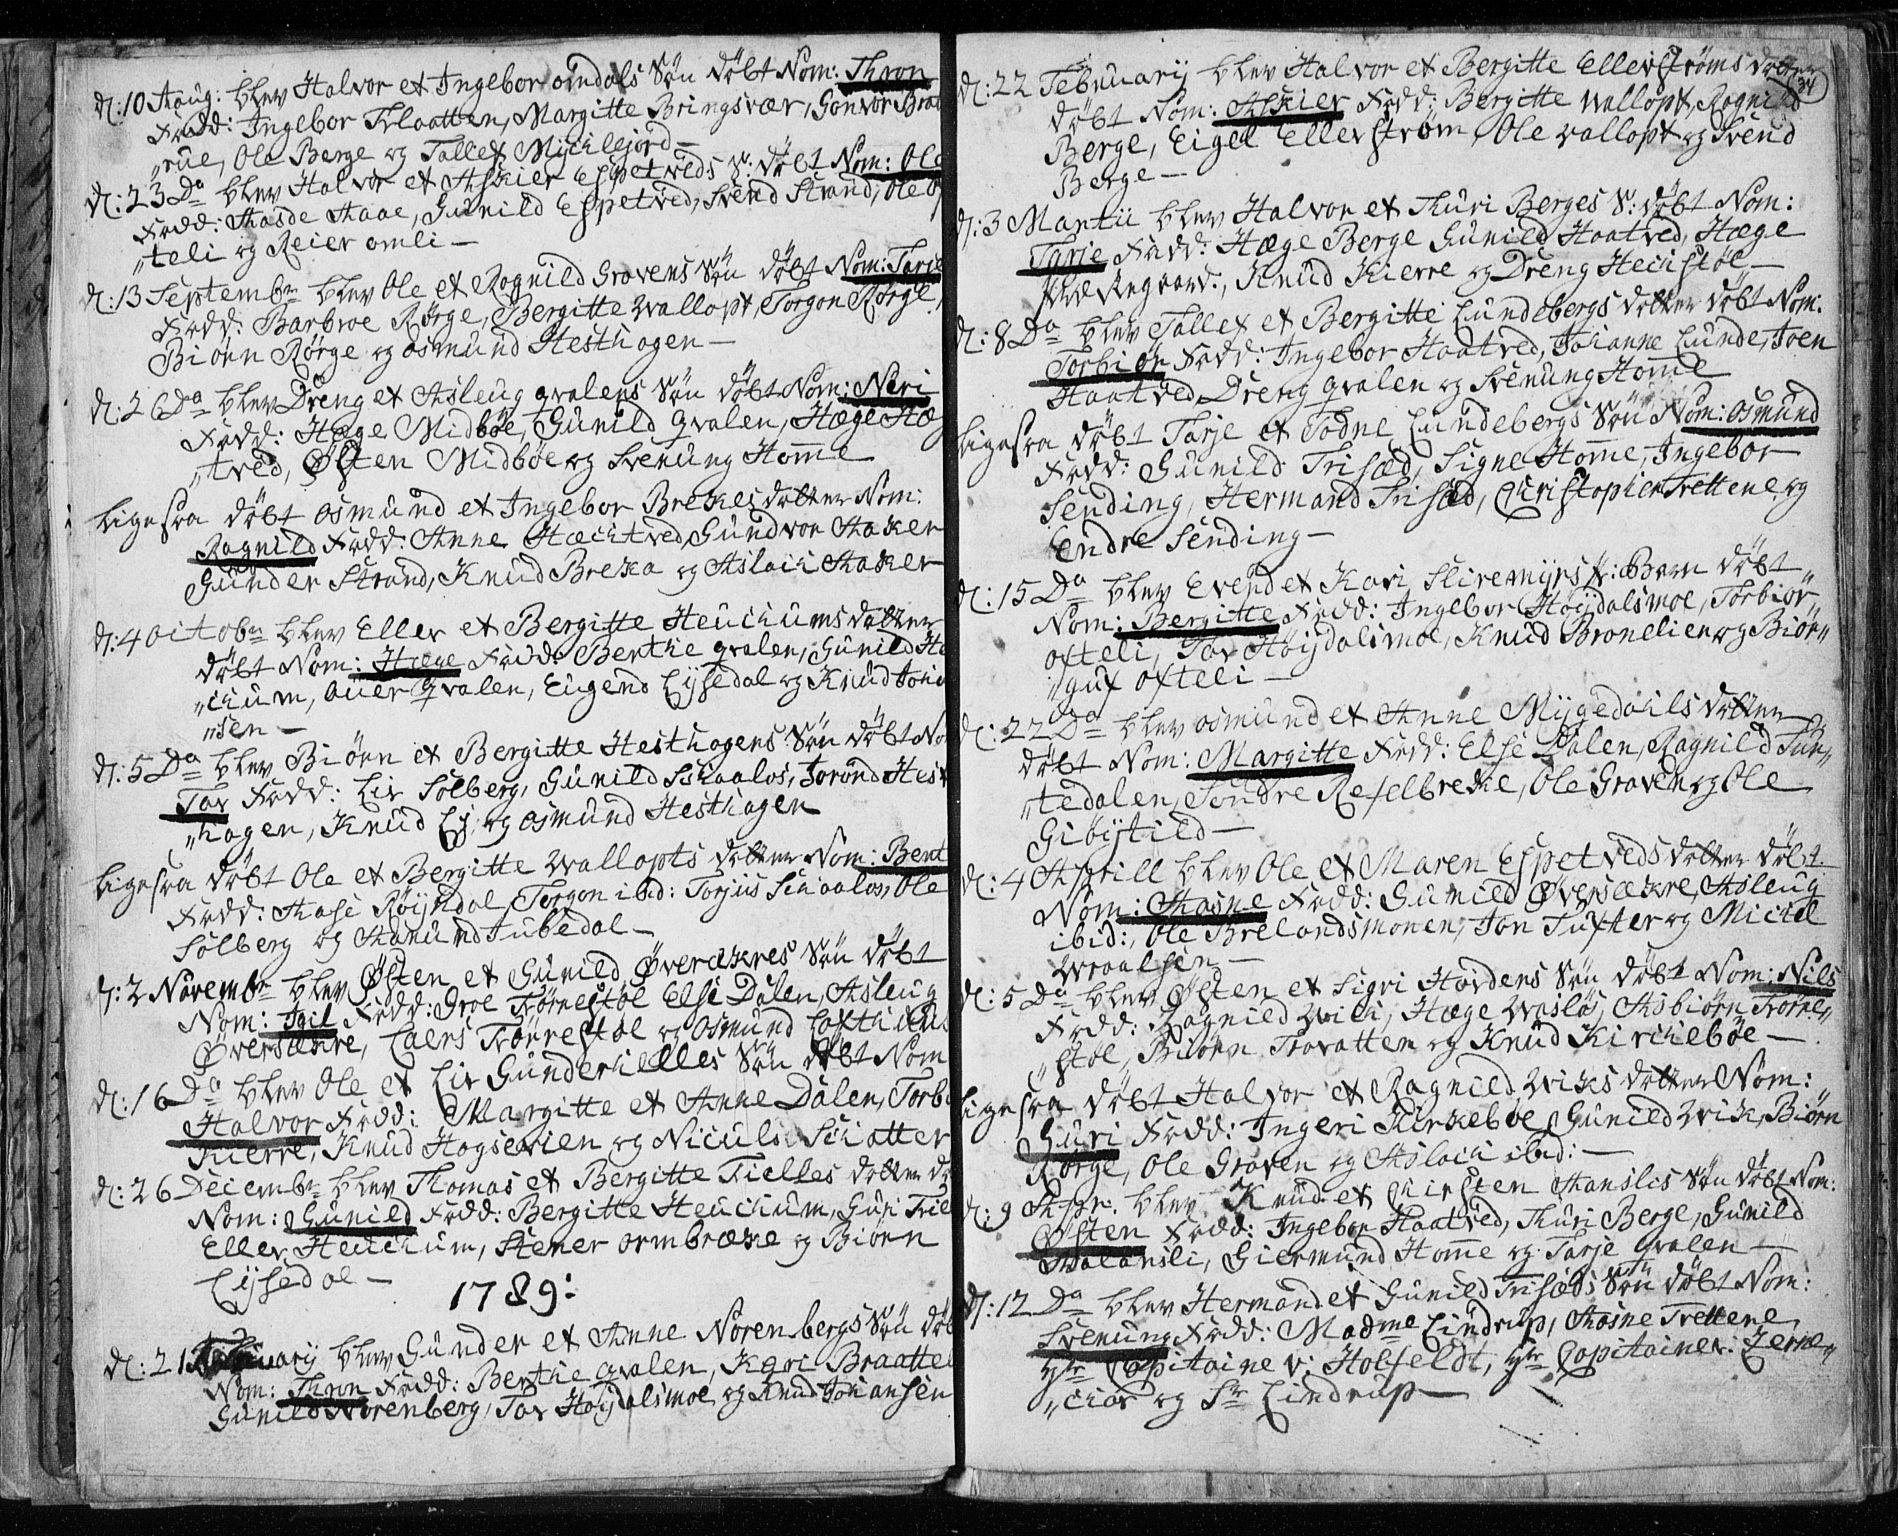 SAKO, Lårdal kirkebøker, F/Fa/L0003: Ministerialbok nr. I 3, 1754-1790, s. 34